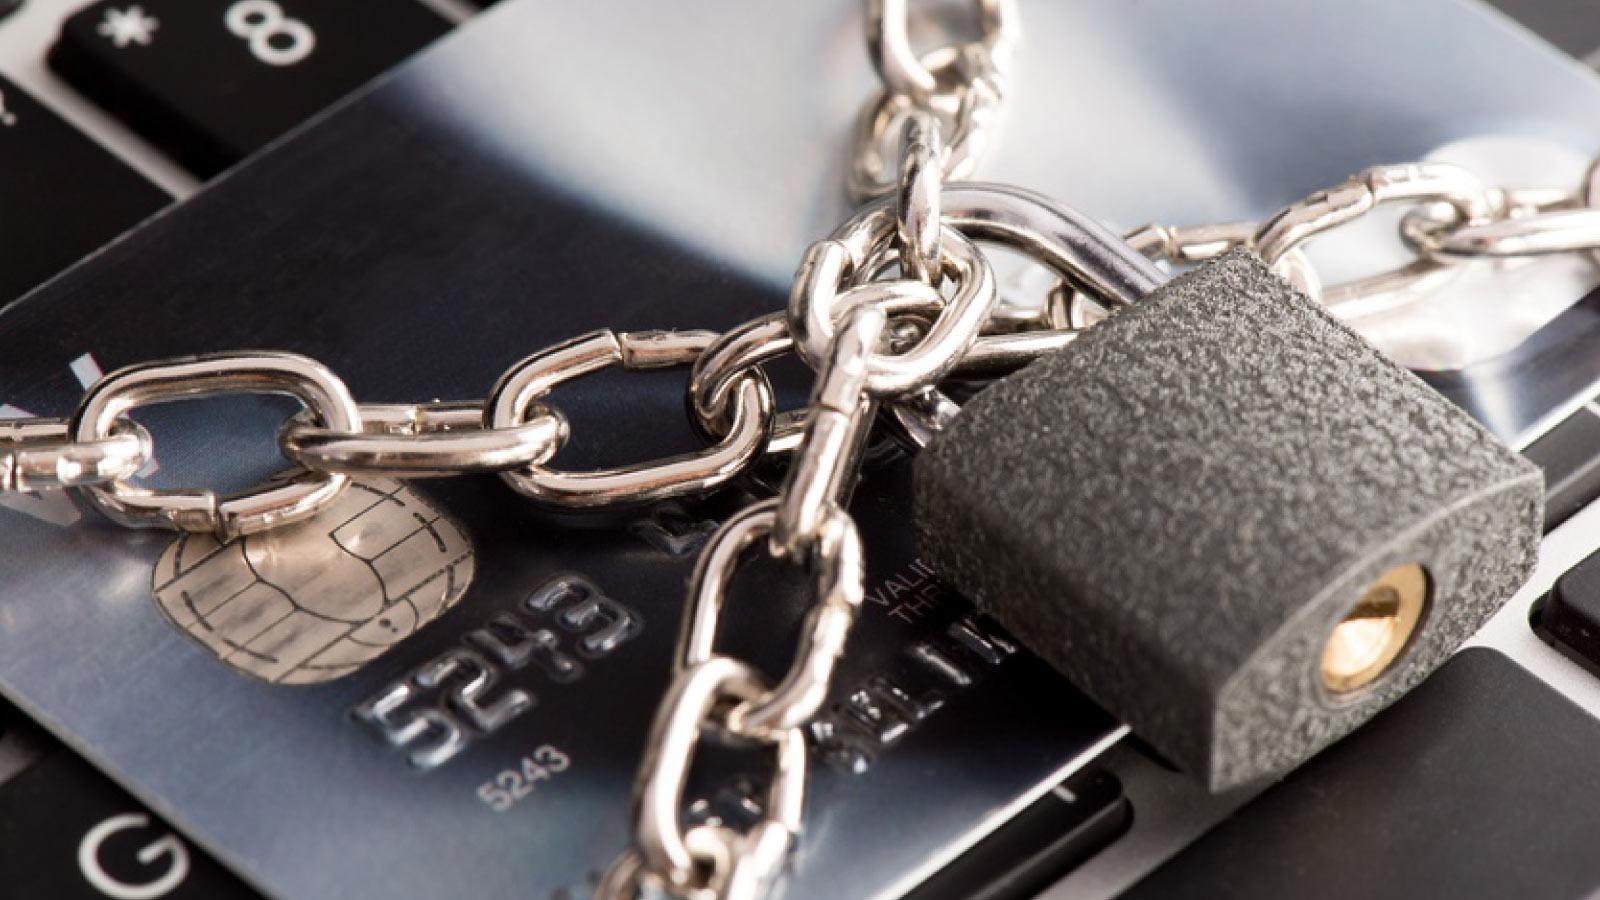 ביטול עיקול חשבון בנק - מומחים במחיקת חובות לפי ההליך החדש - חברת עורכי דין מלי טייב